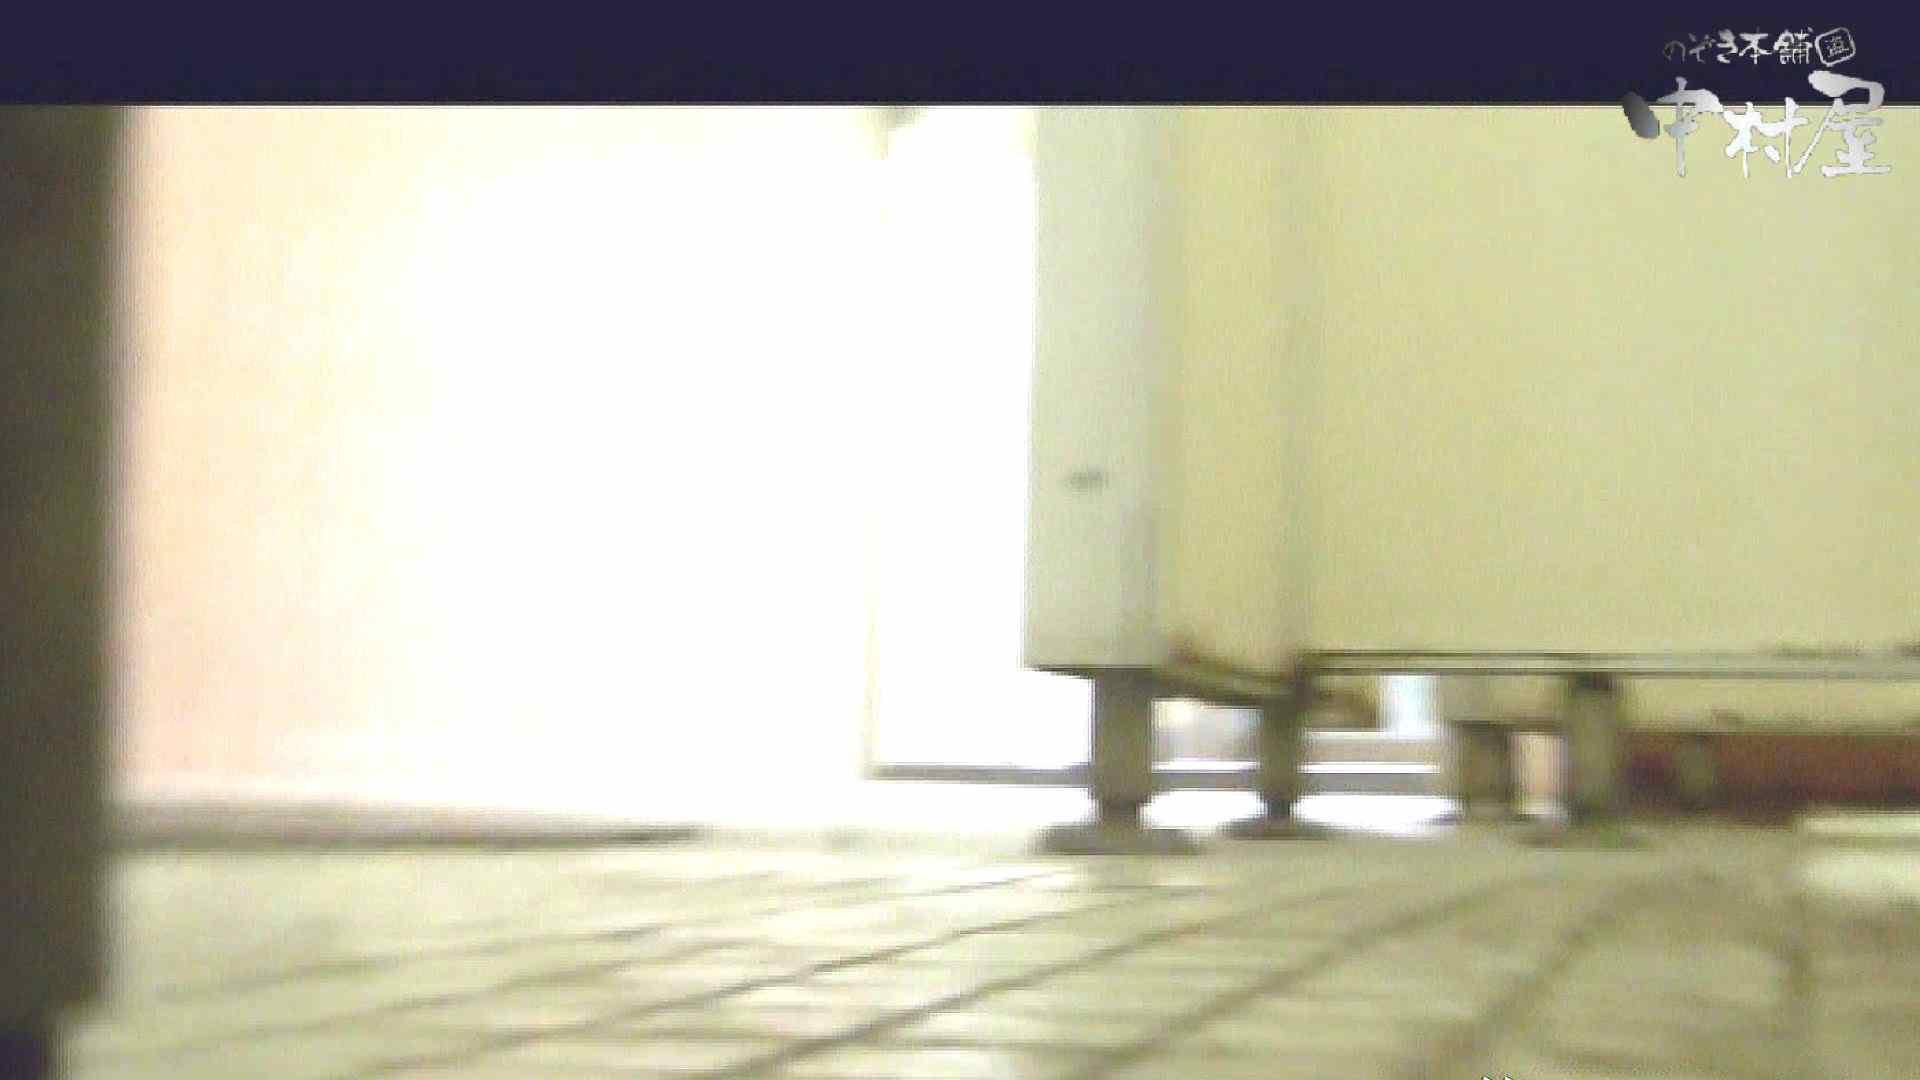 始動します‼雅さんの独断と偏見で集めた動画集 Vol.9 0 | 0  61pic 31